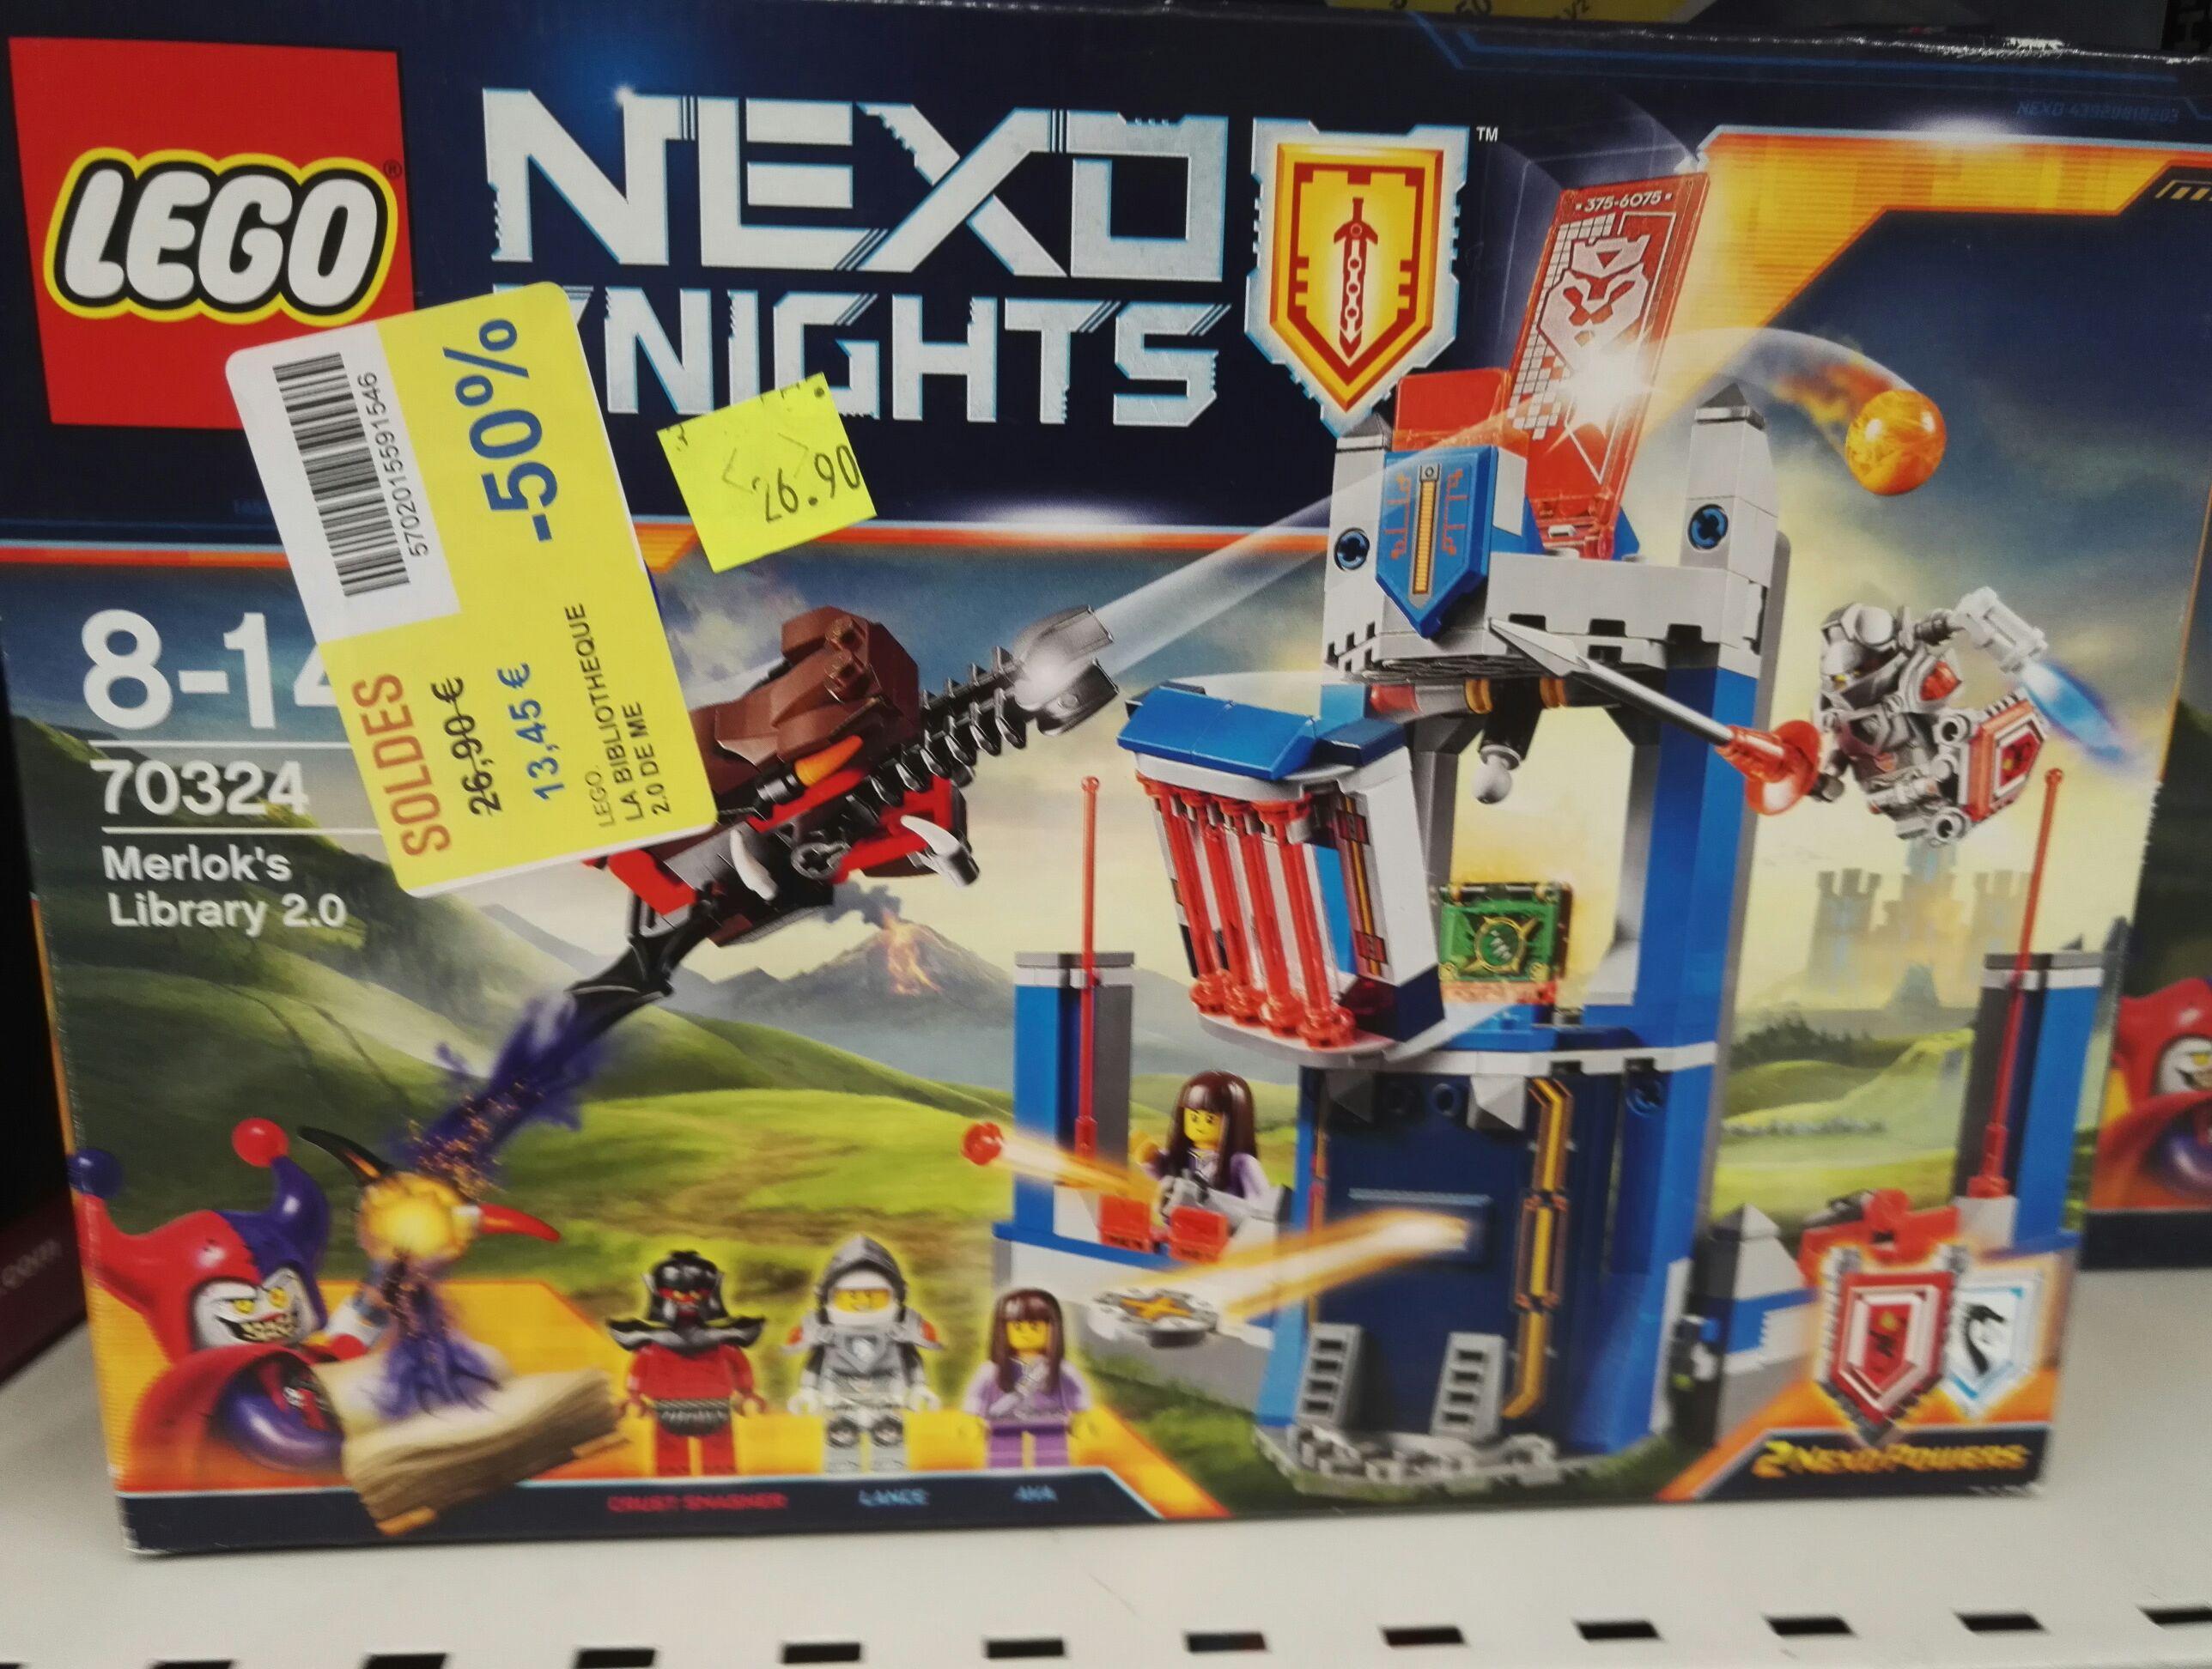 Sélection de jeux de Lego en promotion - Ex : Jeu de construction Lego Nexo Knight La bibliothèque 2.0 de Merlok n° 70324 - Rosny 2 (93)